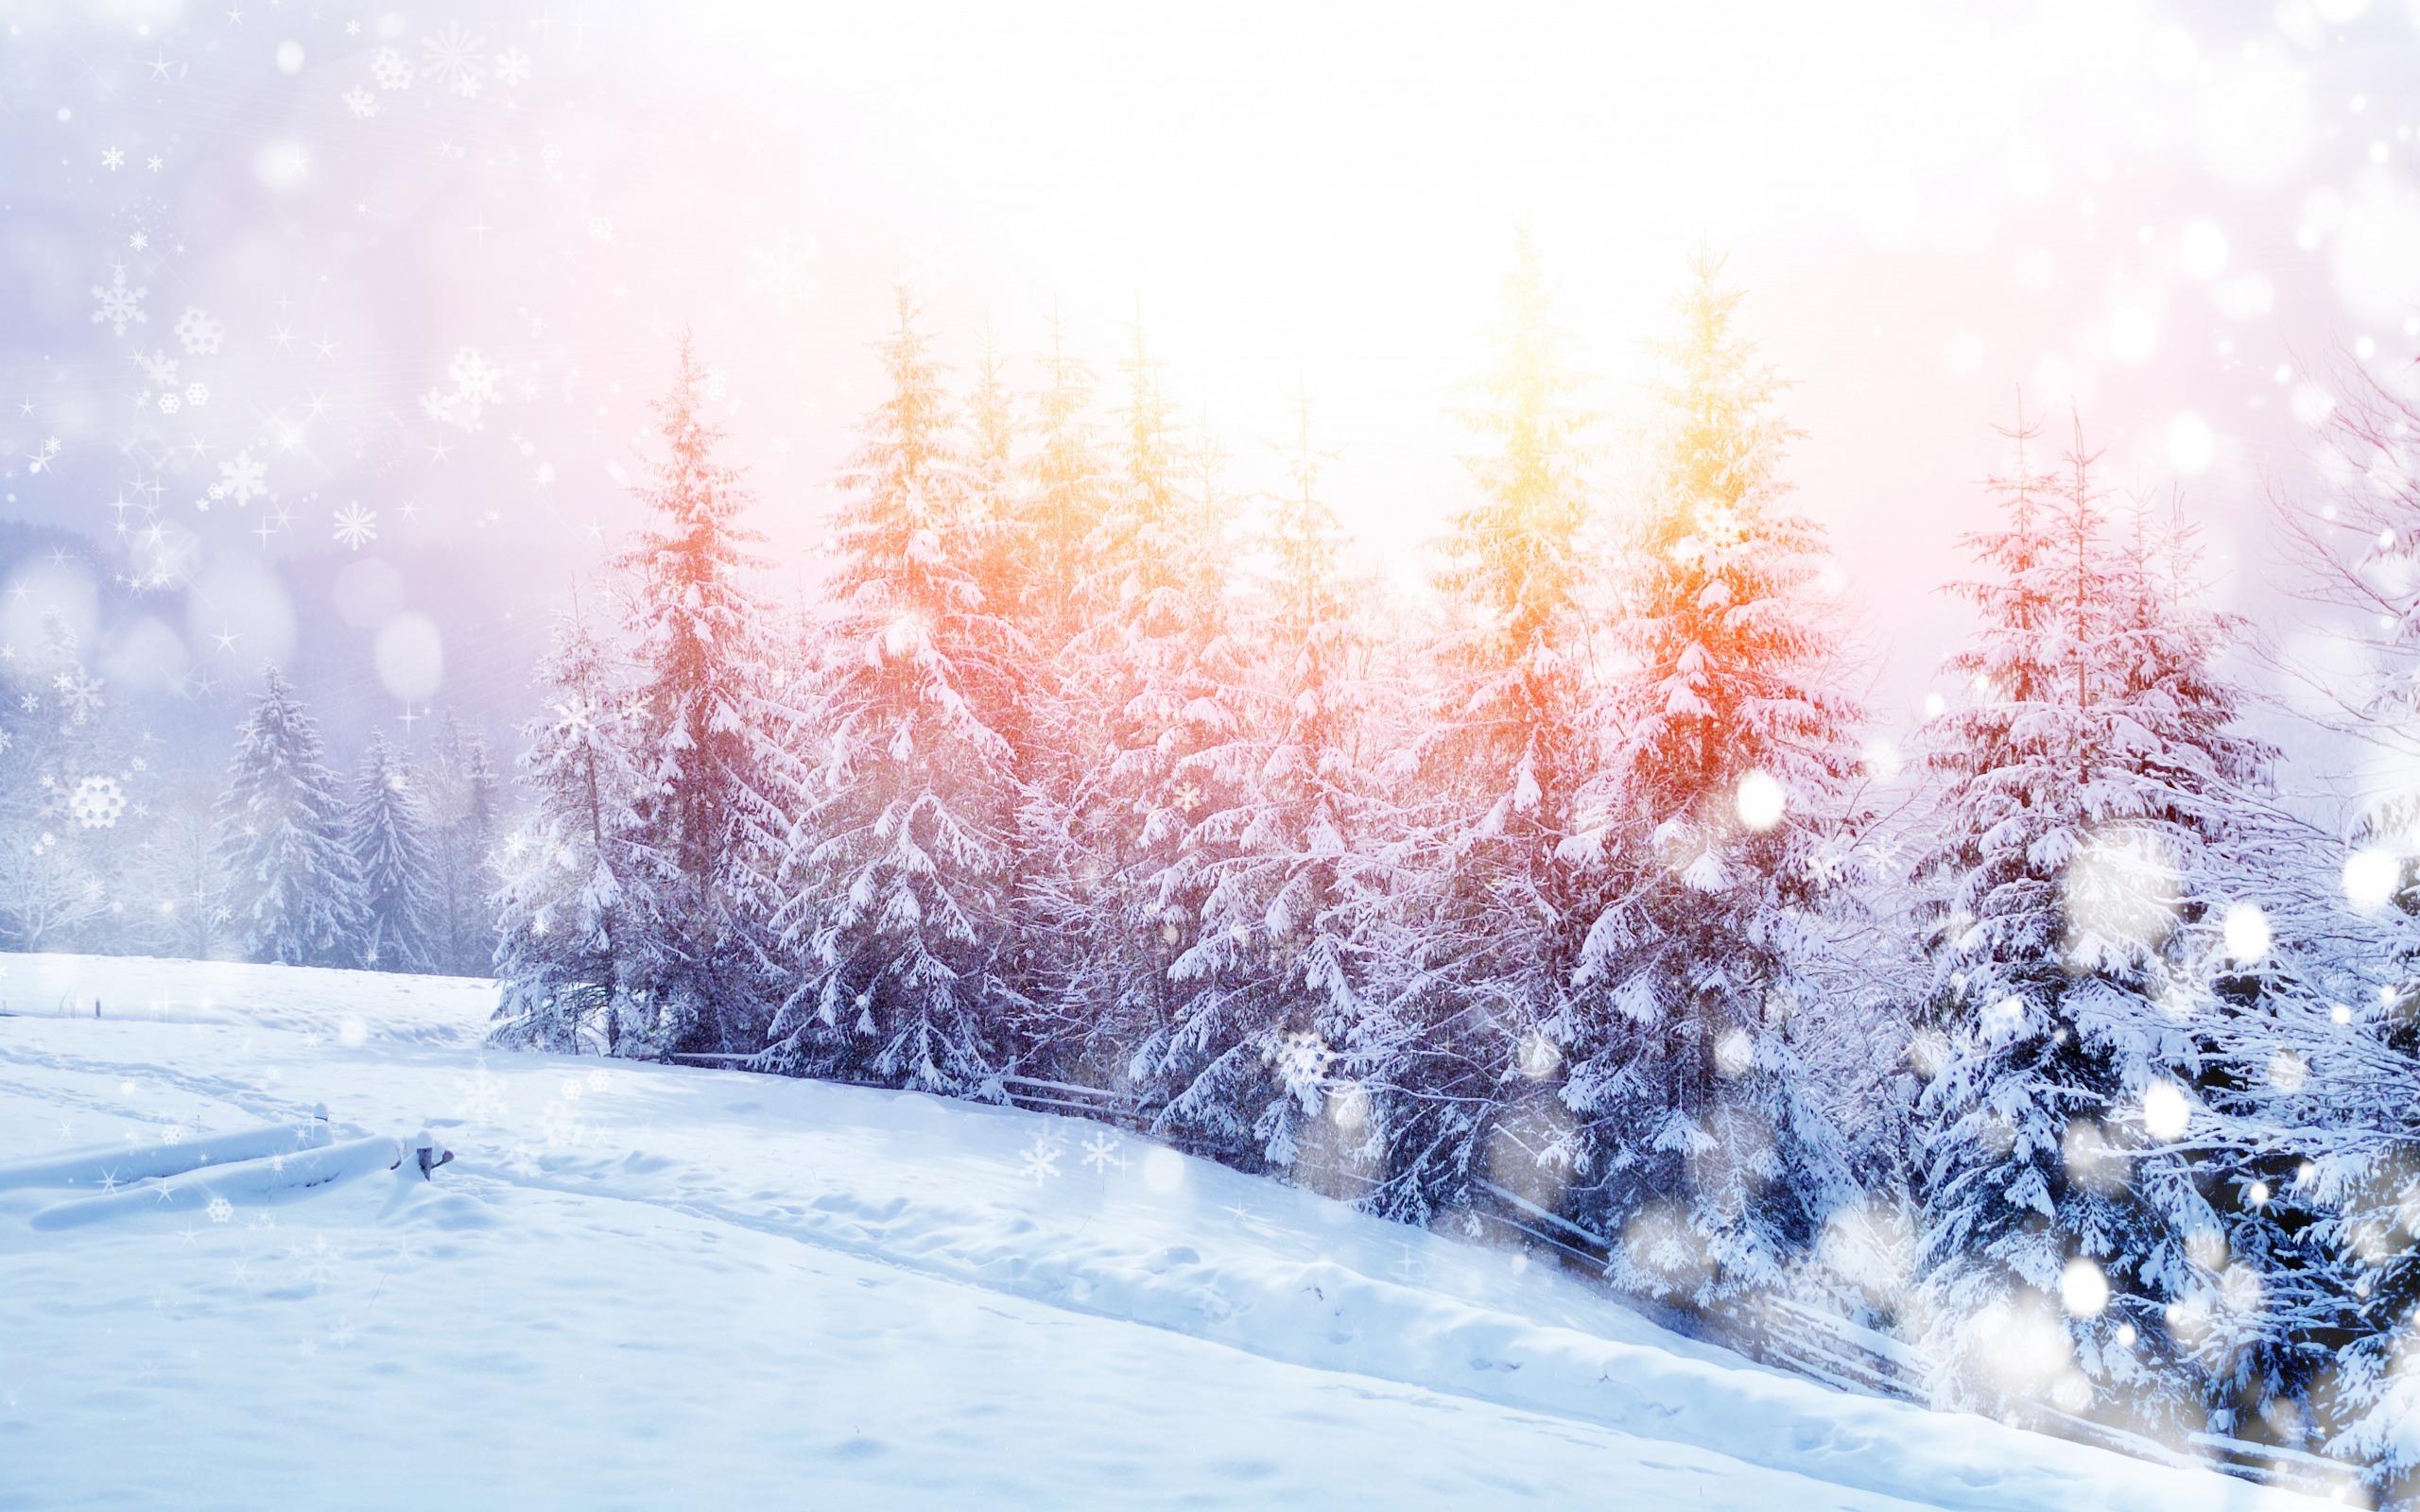 природа снег зима деревья горы  № 2577047 загрузить